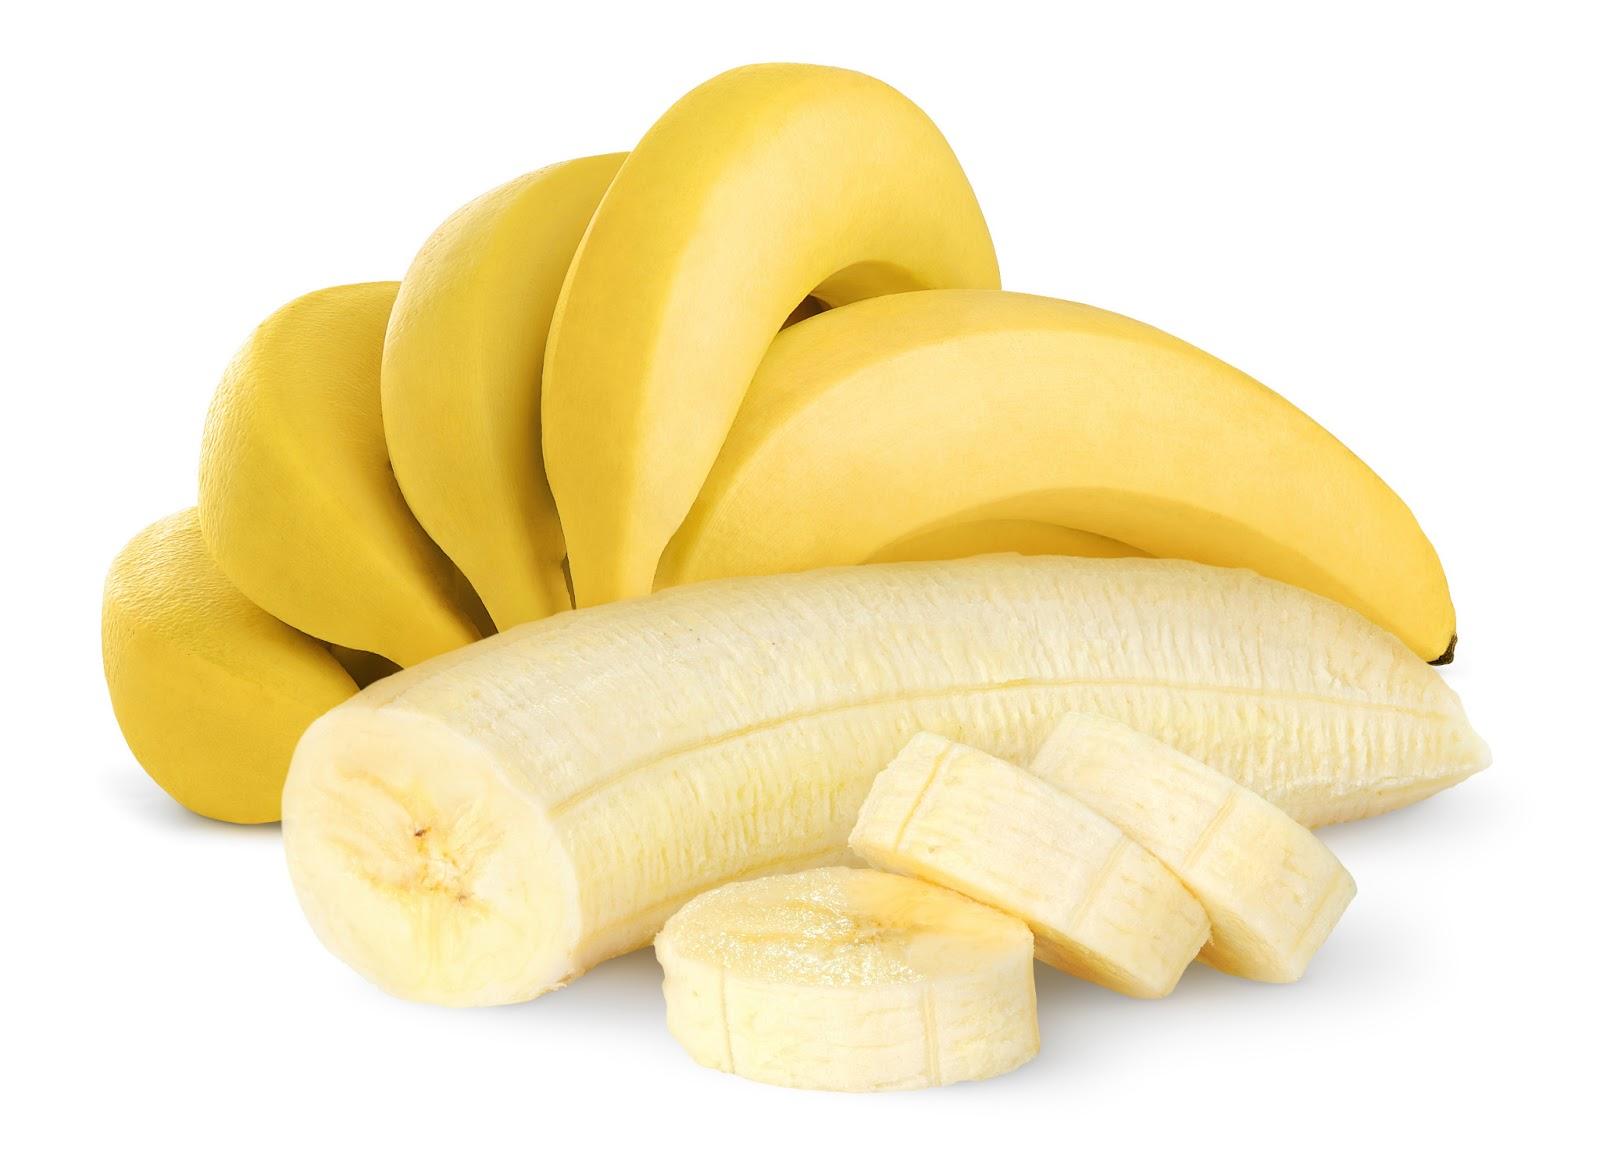 Kelebihan buah pisang